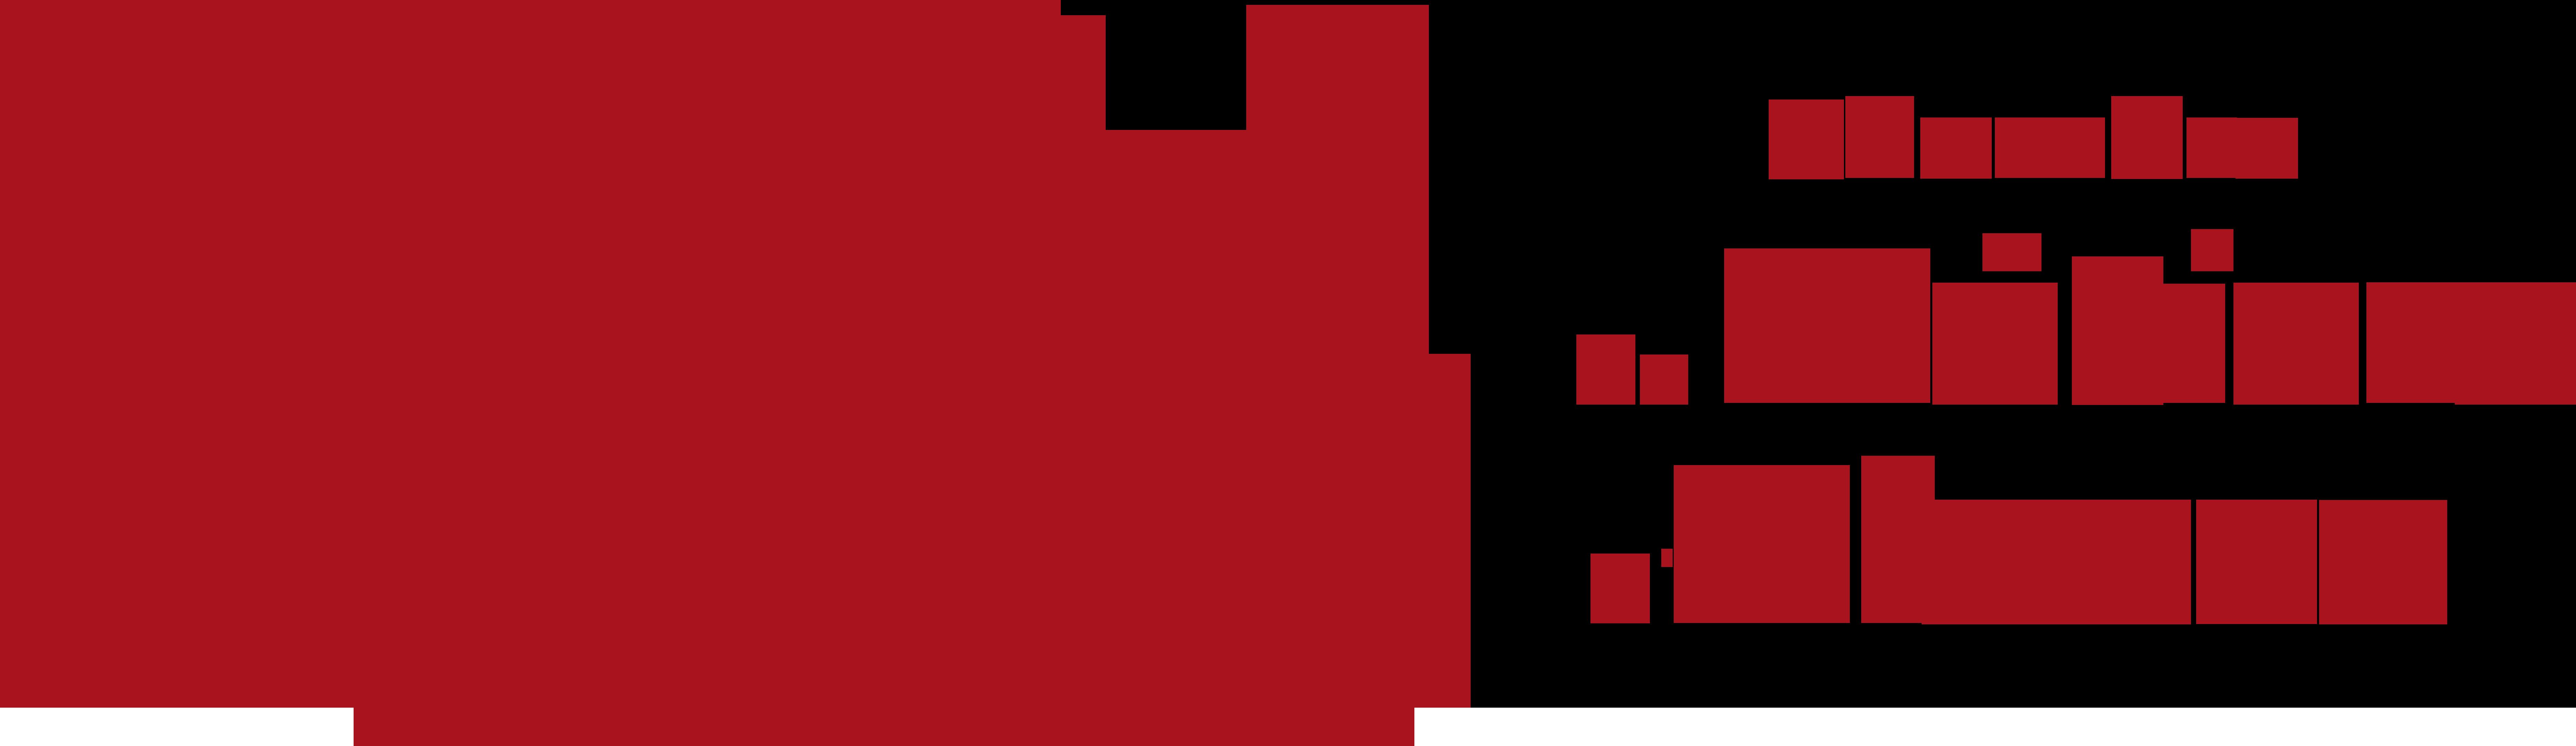 Les outils numériques au service de l'Artisanat